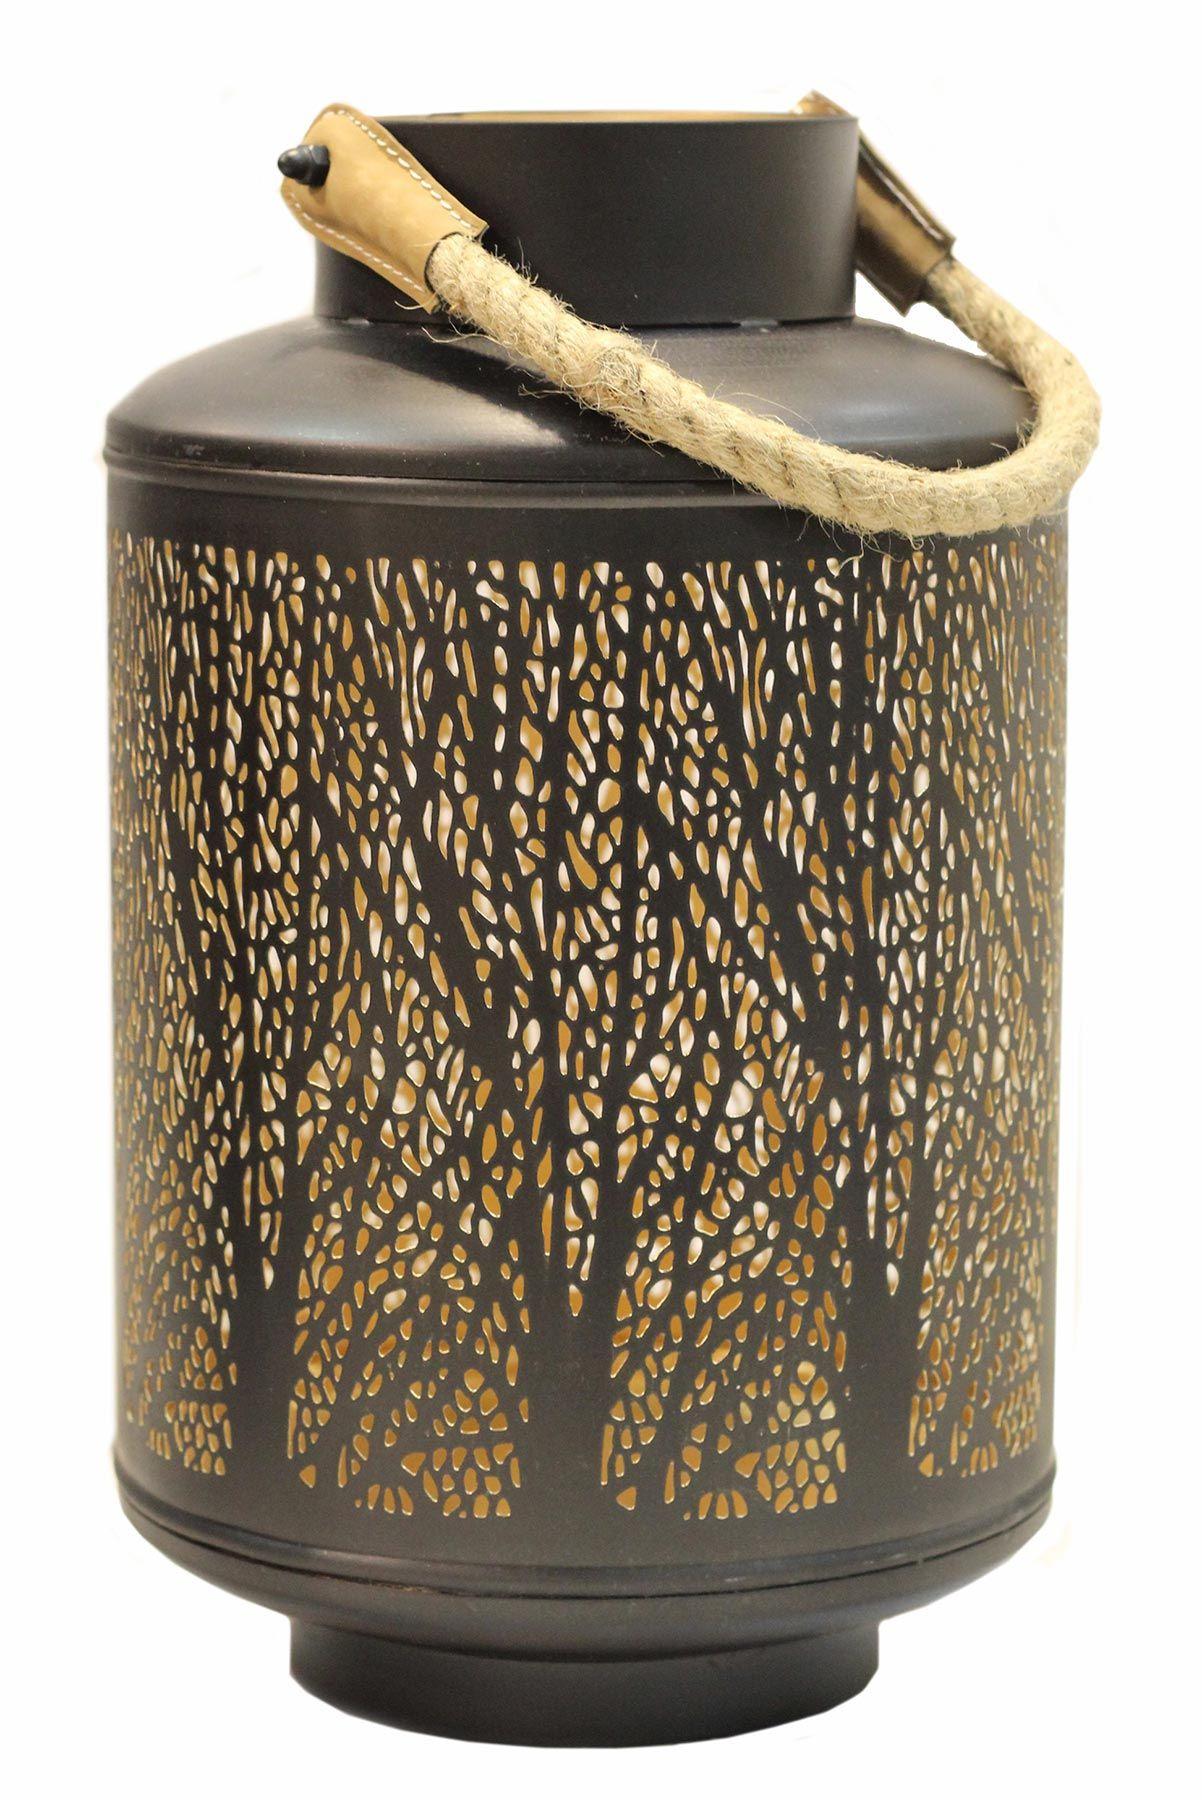 Windlicht 32x20cm Metall Schwarz Gold Kerzenhalter Garten Deko Laterne Mirror Candle Plate Metal Lanterns Glass Candlesticks